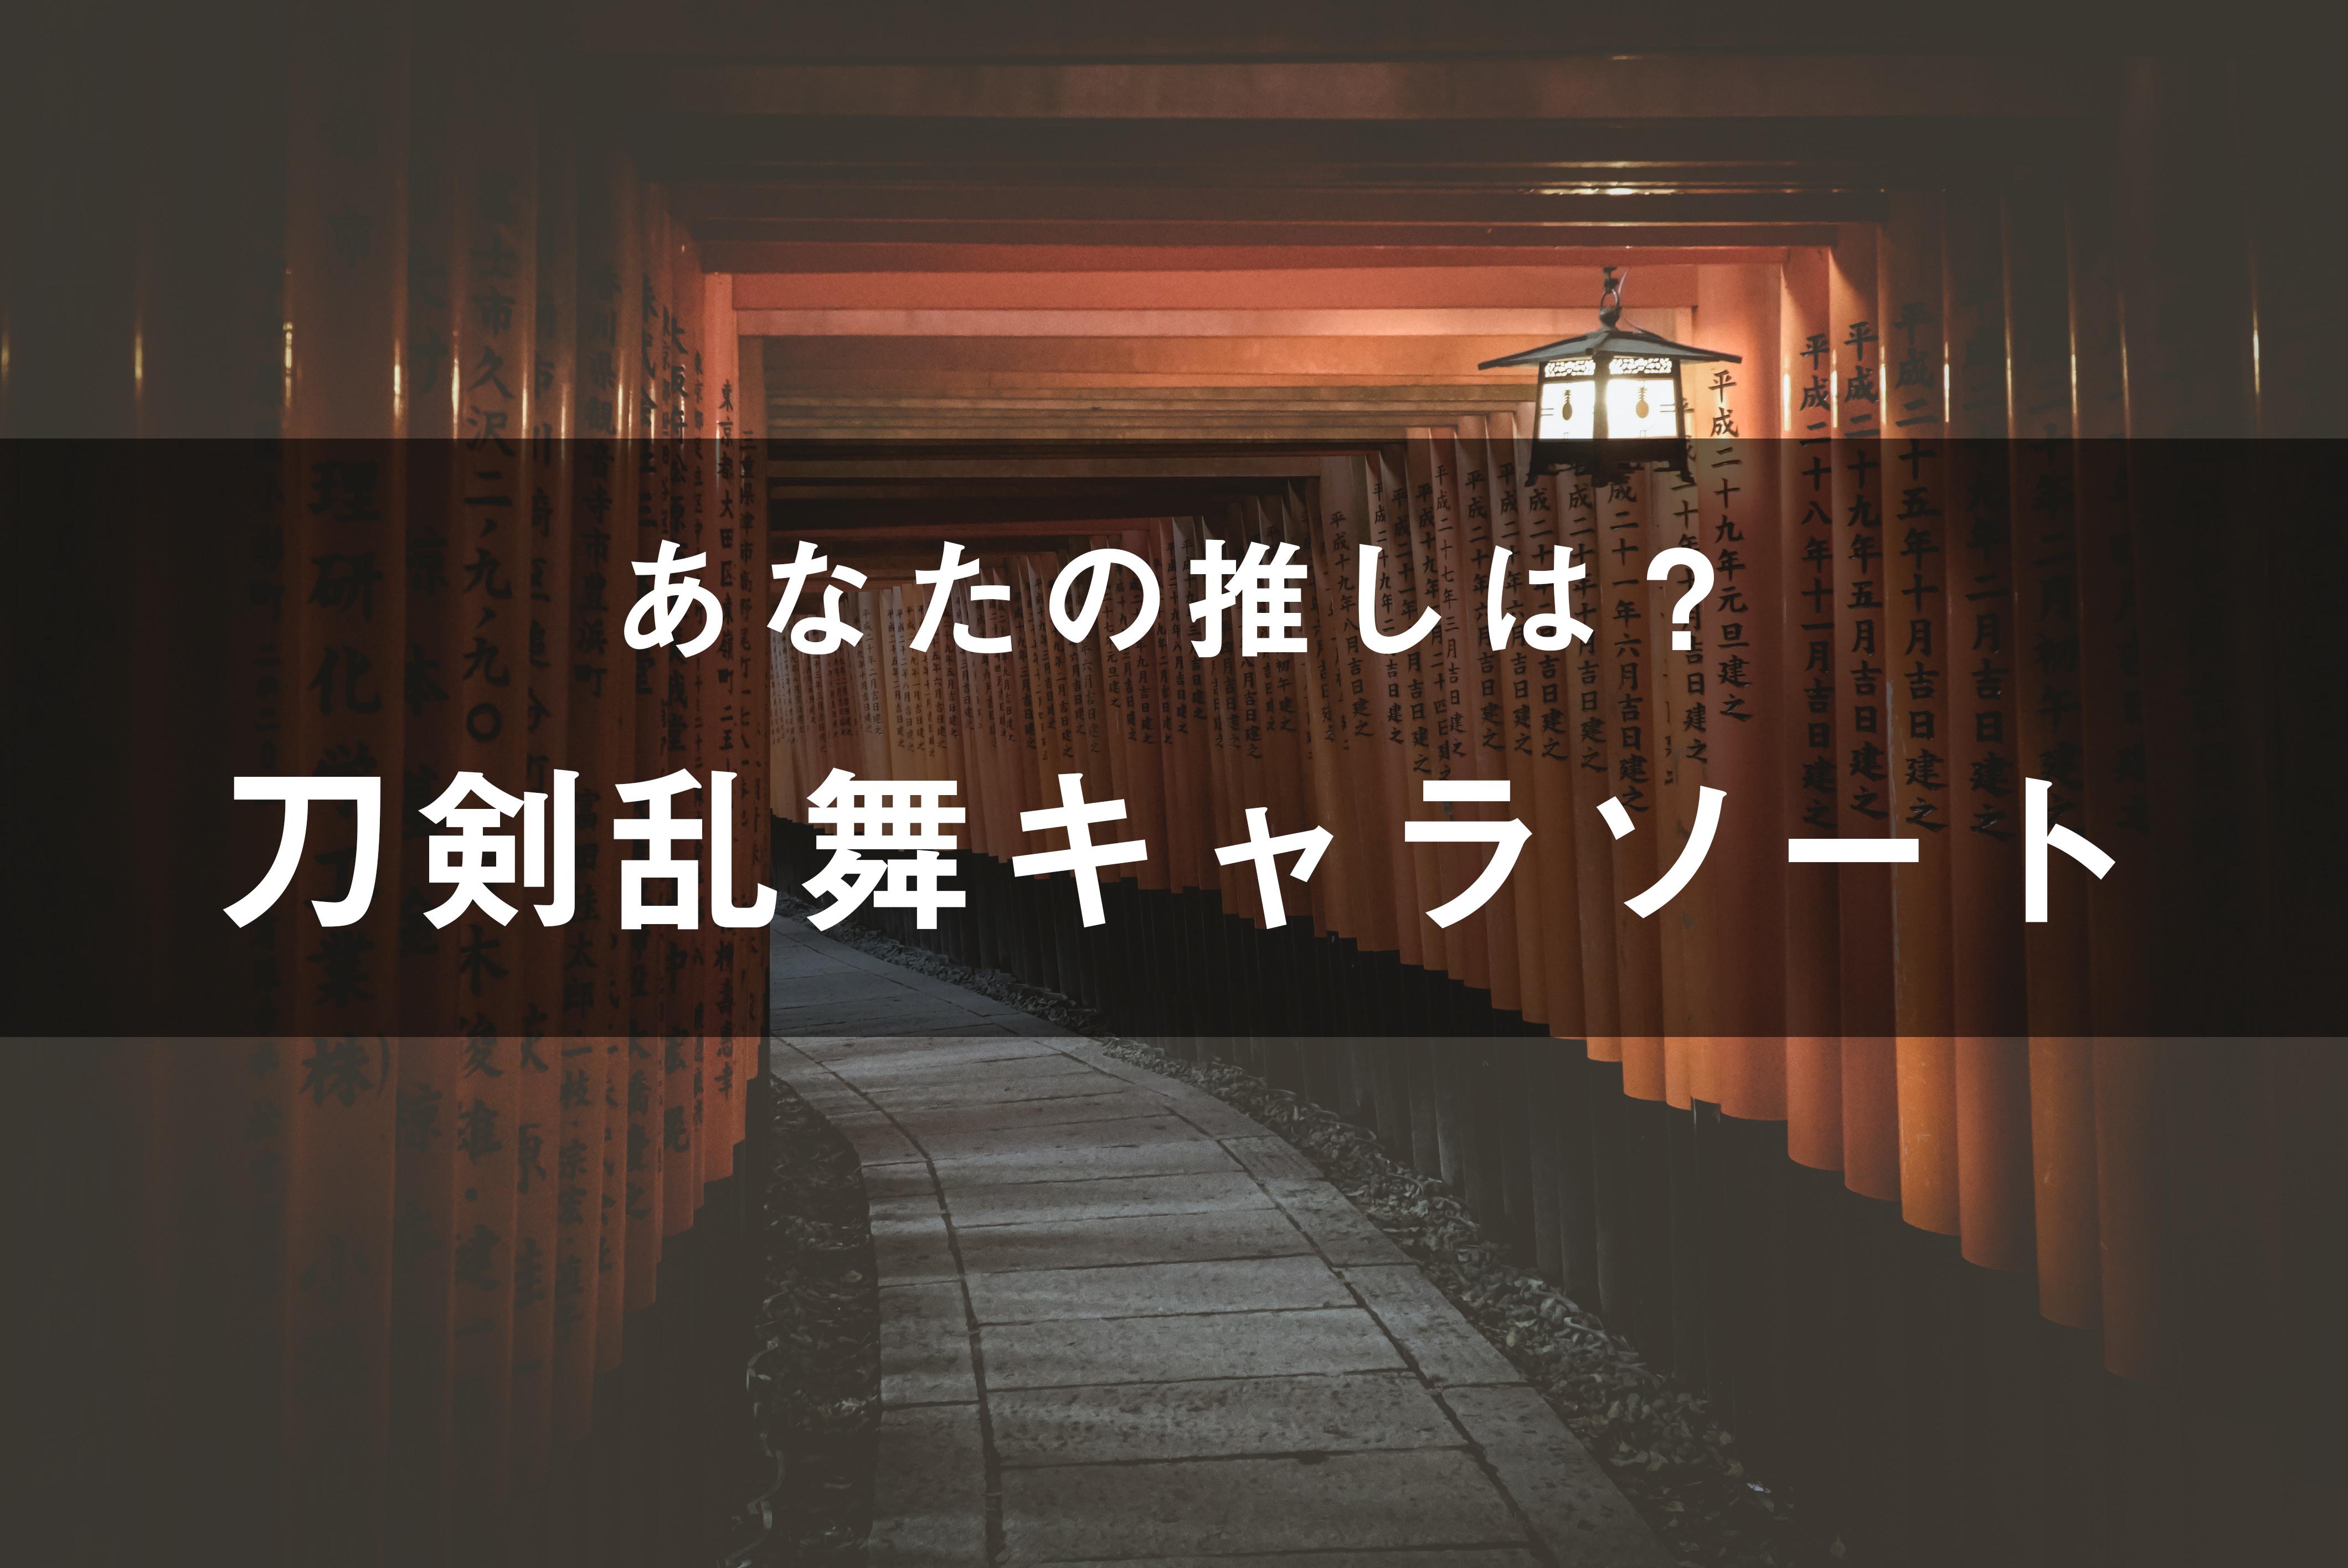 刀剣乱舞キャラソート(画像あり)